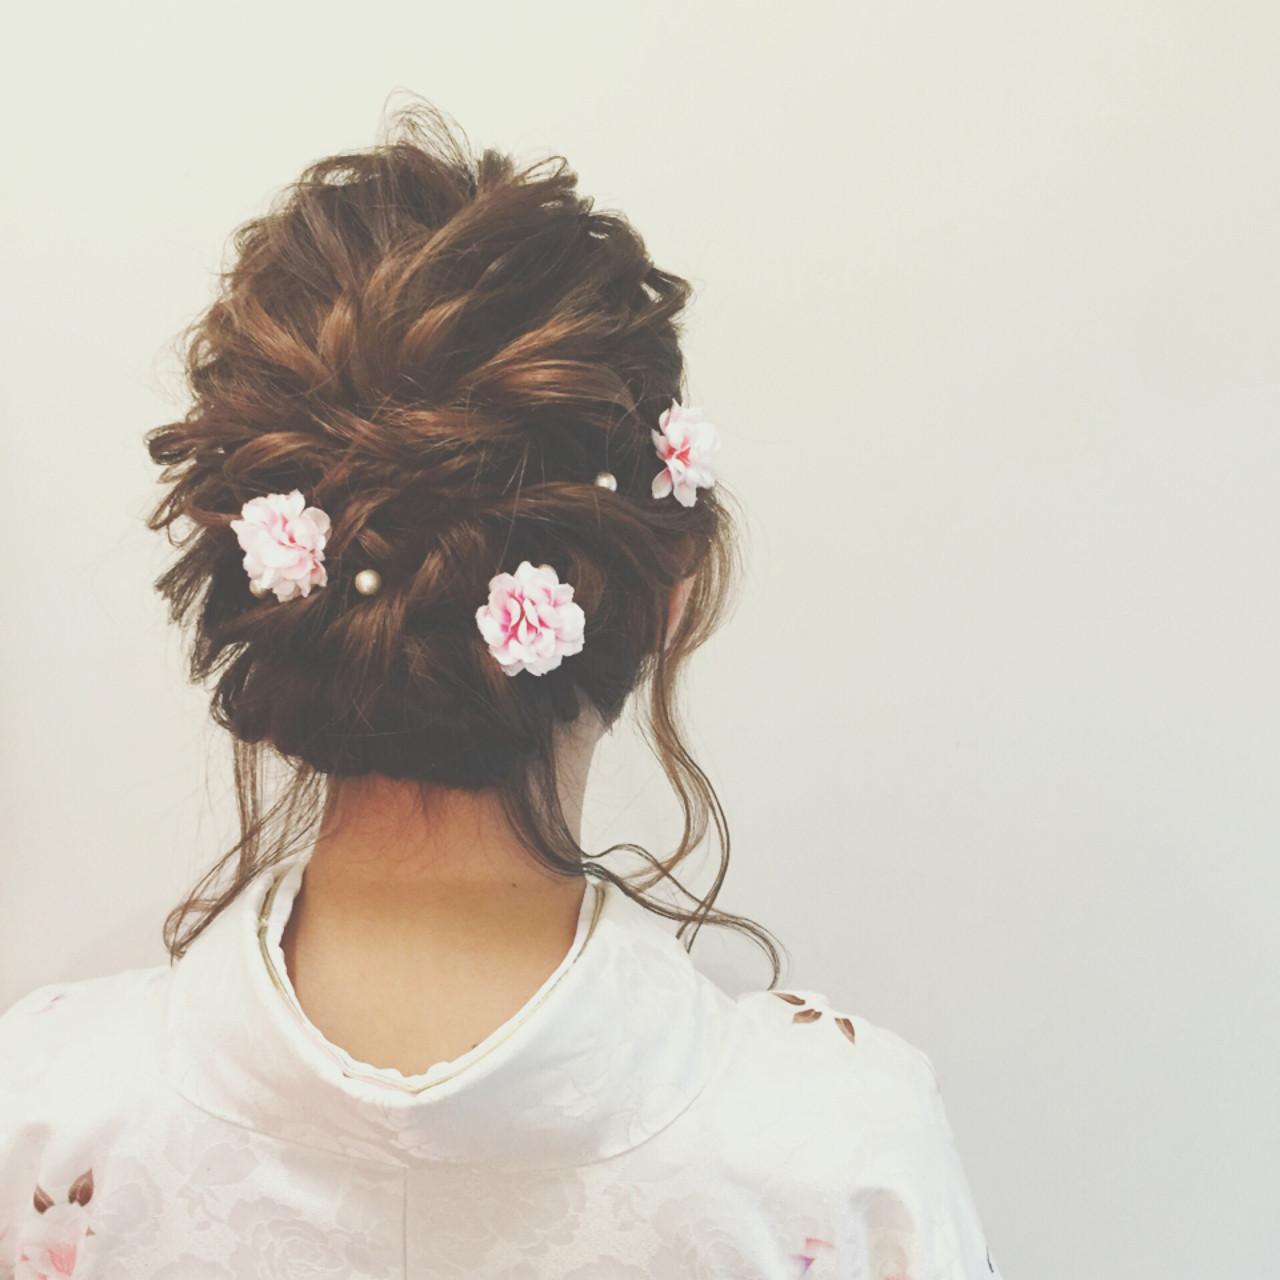 ヘアアレンジ 簡単ヘアアレンジ セミロング ゆるふわ ヘアスタイルや髪型の写真・画像 | ヤマキタ トシキ Neolive / Neolive CiroL.